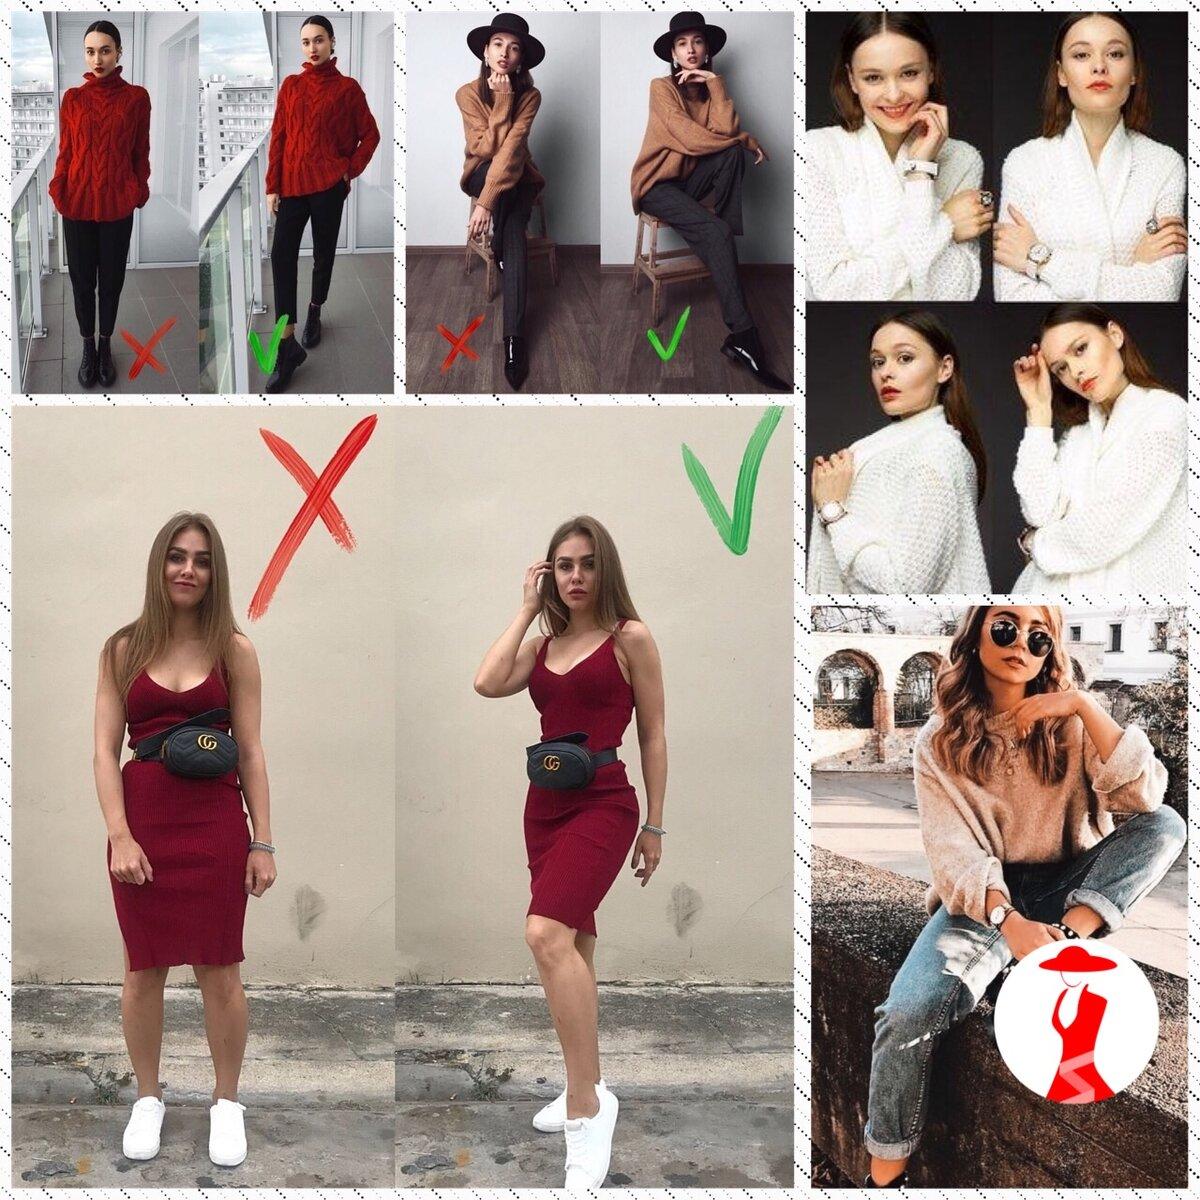 Как сделать красивое селфи: правильное, хорошее, идеальное, крутое - как выглядеть худее на фото и одеваться, чтобы выглядеть стройнее